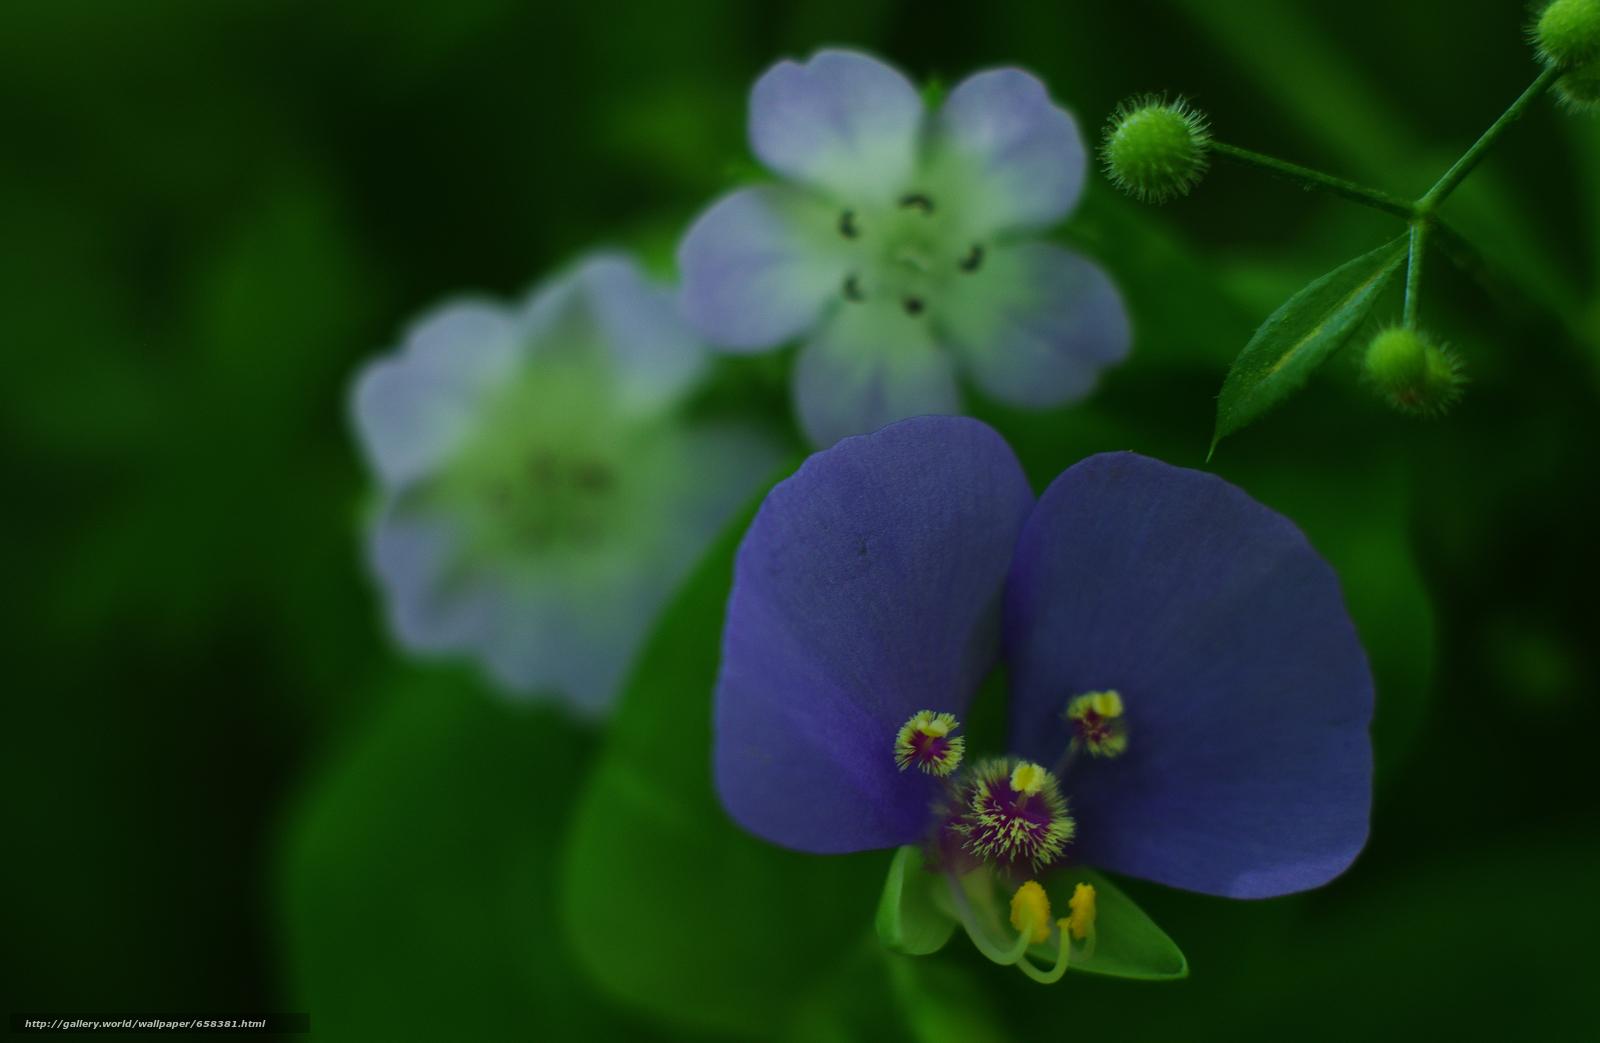 Скачать обои цветок,  цветы,  флора бесплатно для рабочего стола в разрешении 4680x3052 — картинка №658381